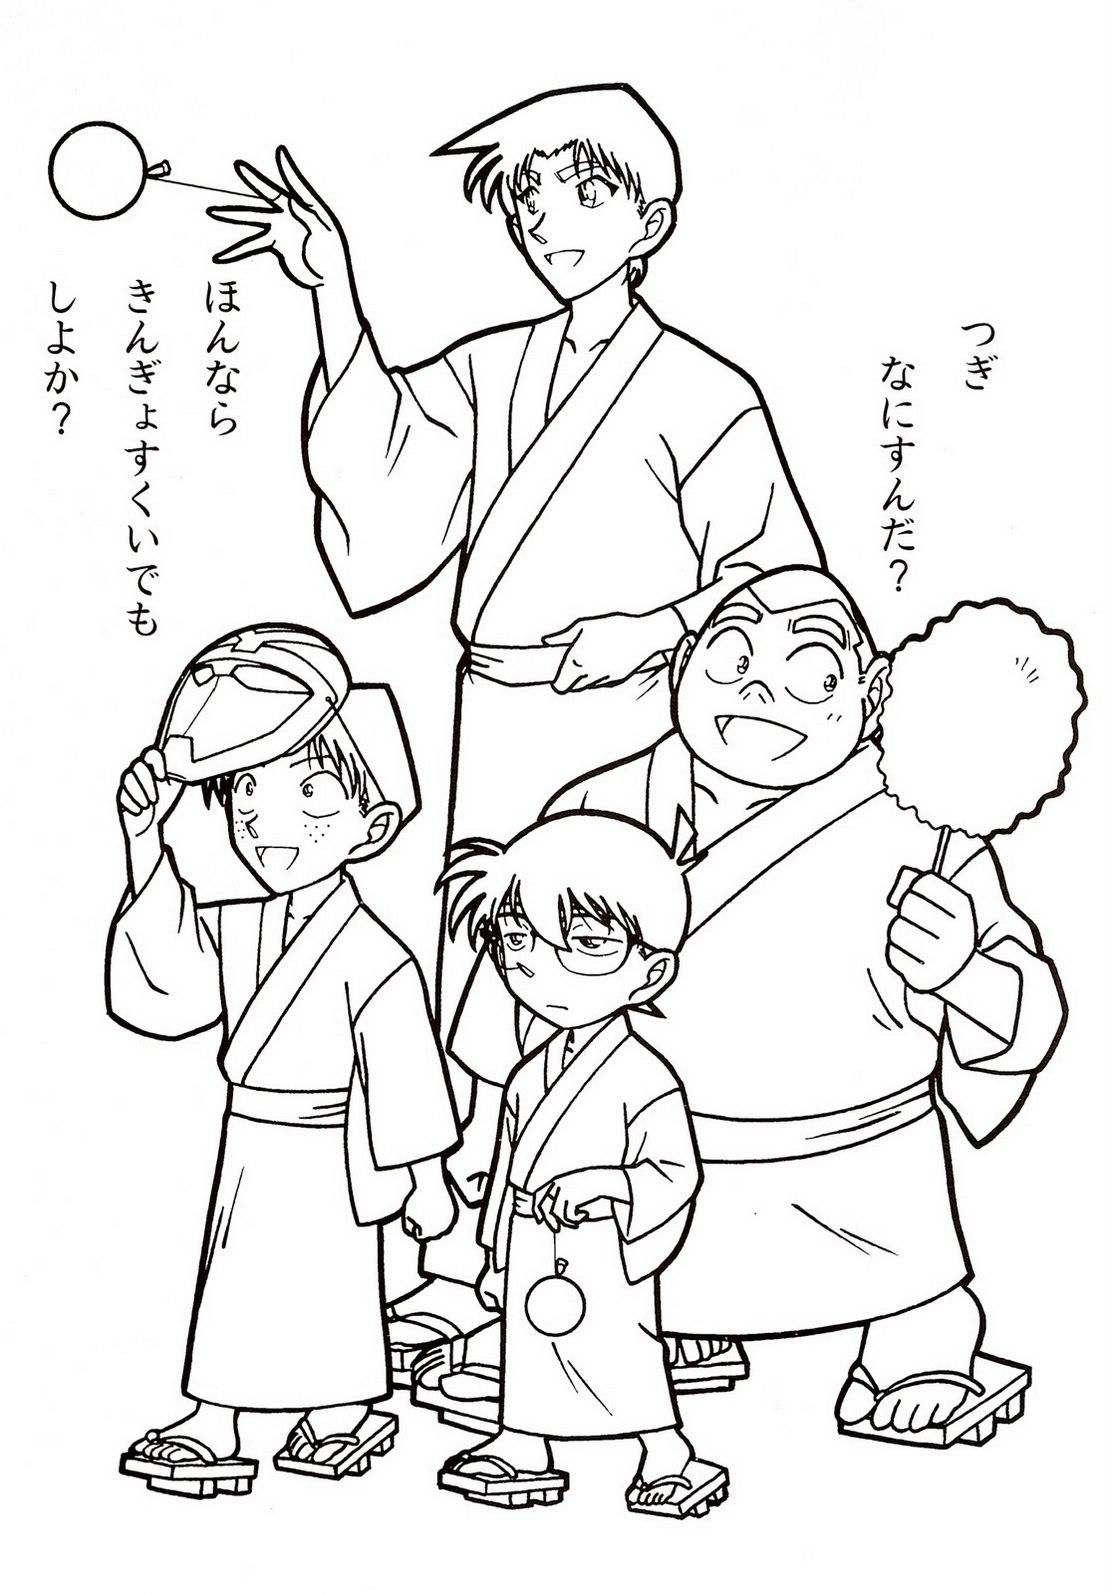 Detective_Conan_coloring_online